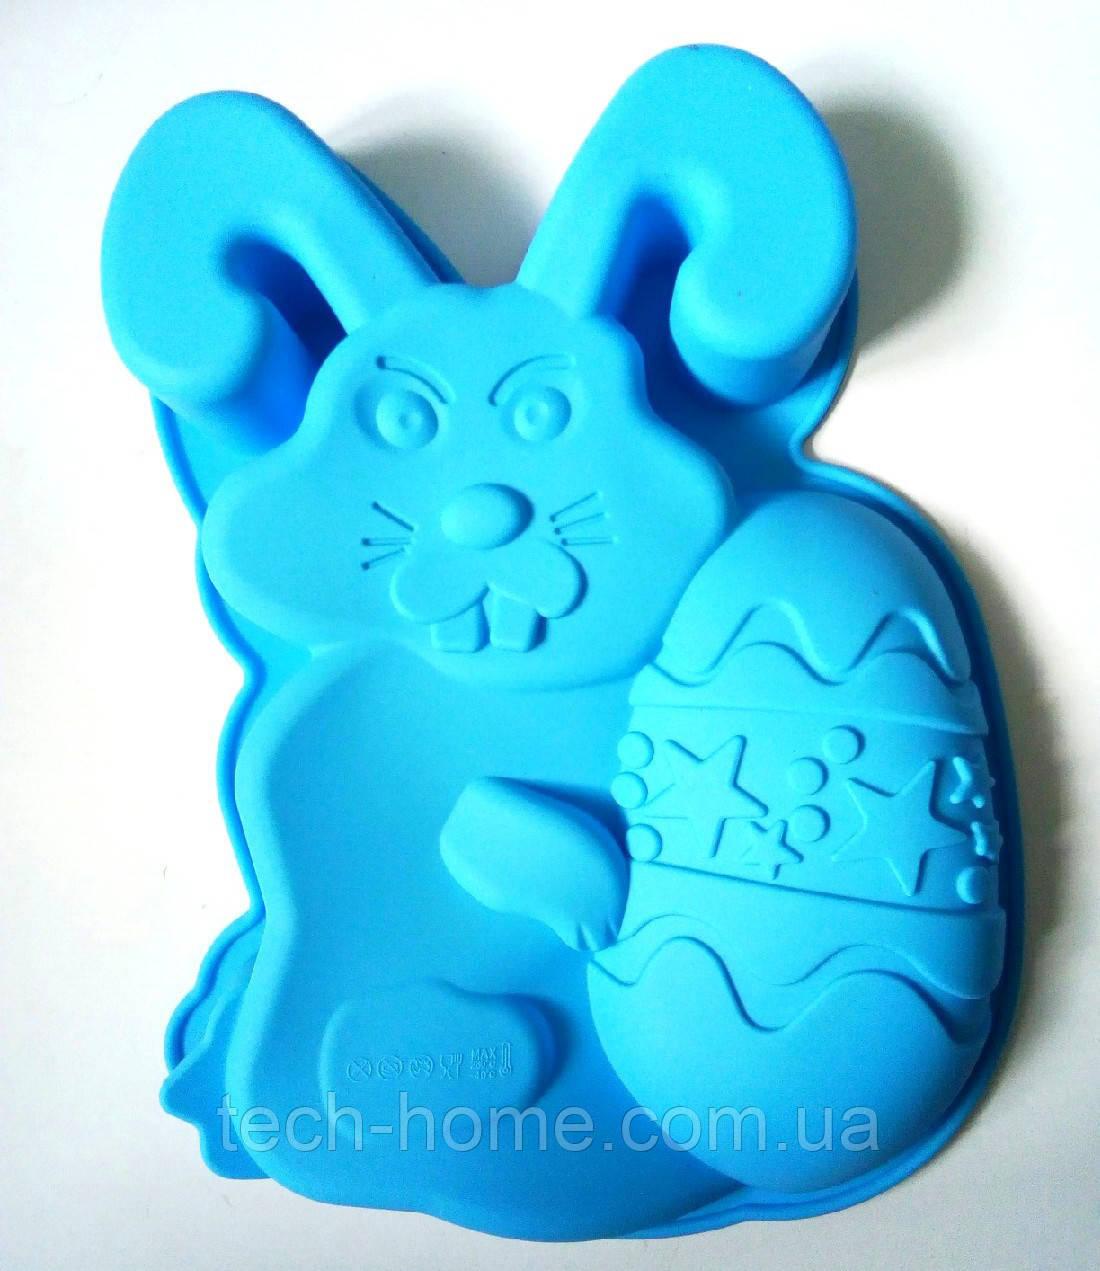 Силіконова форма для випікання кролика Hua You B1217